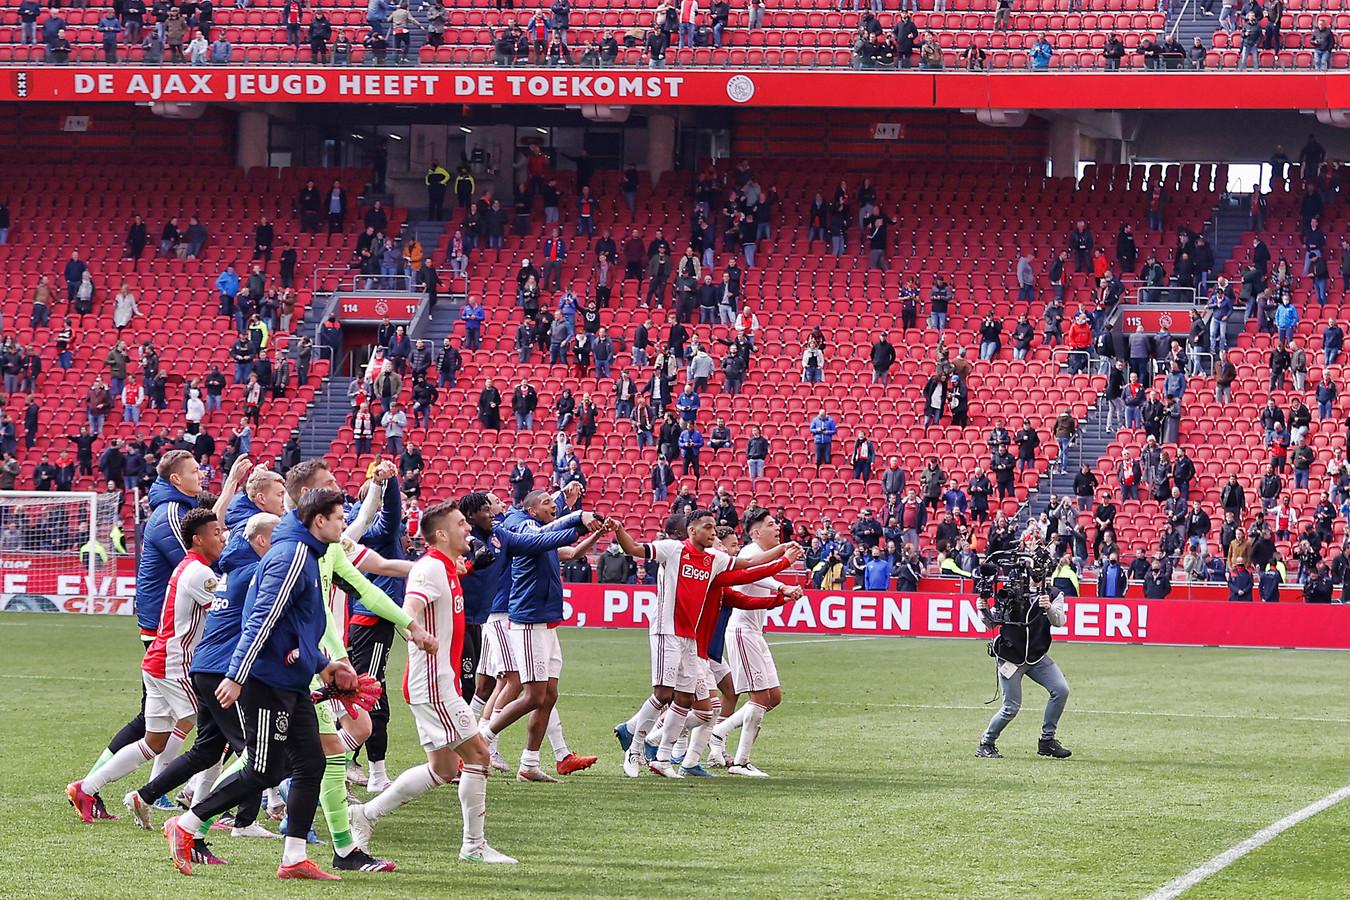 De spelers van Ajax vieren het officieus binnenhalen van de titel met hun supporters.